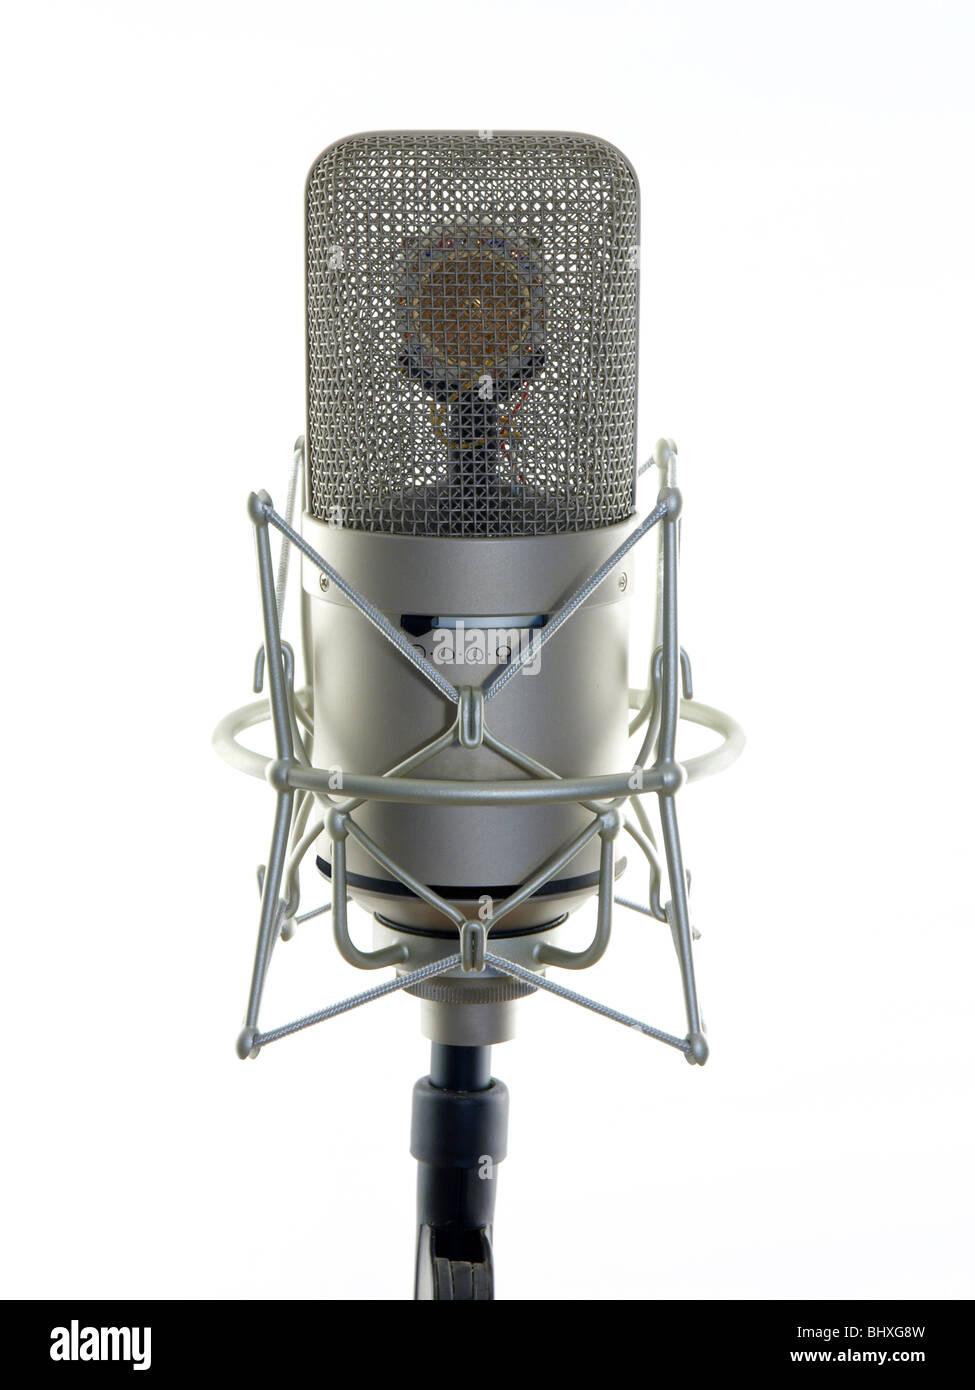 Very expensive pro audio studio microphone. - Stock Image